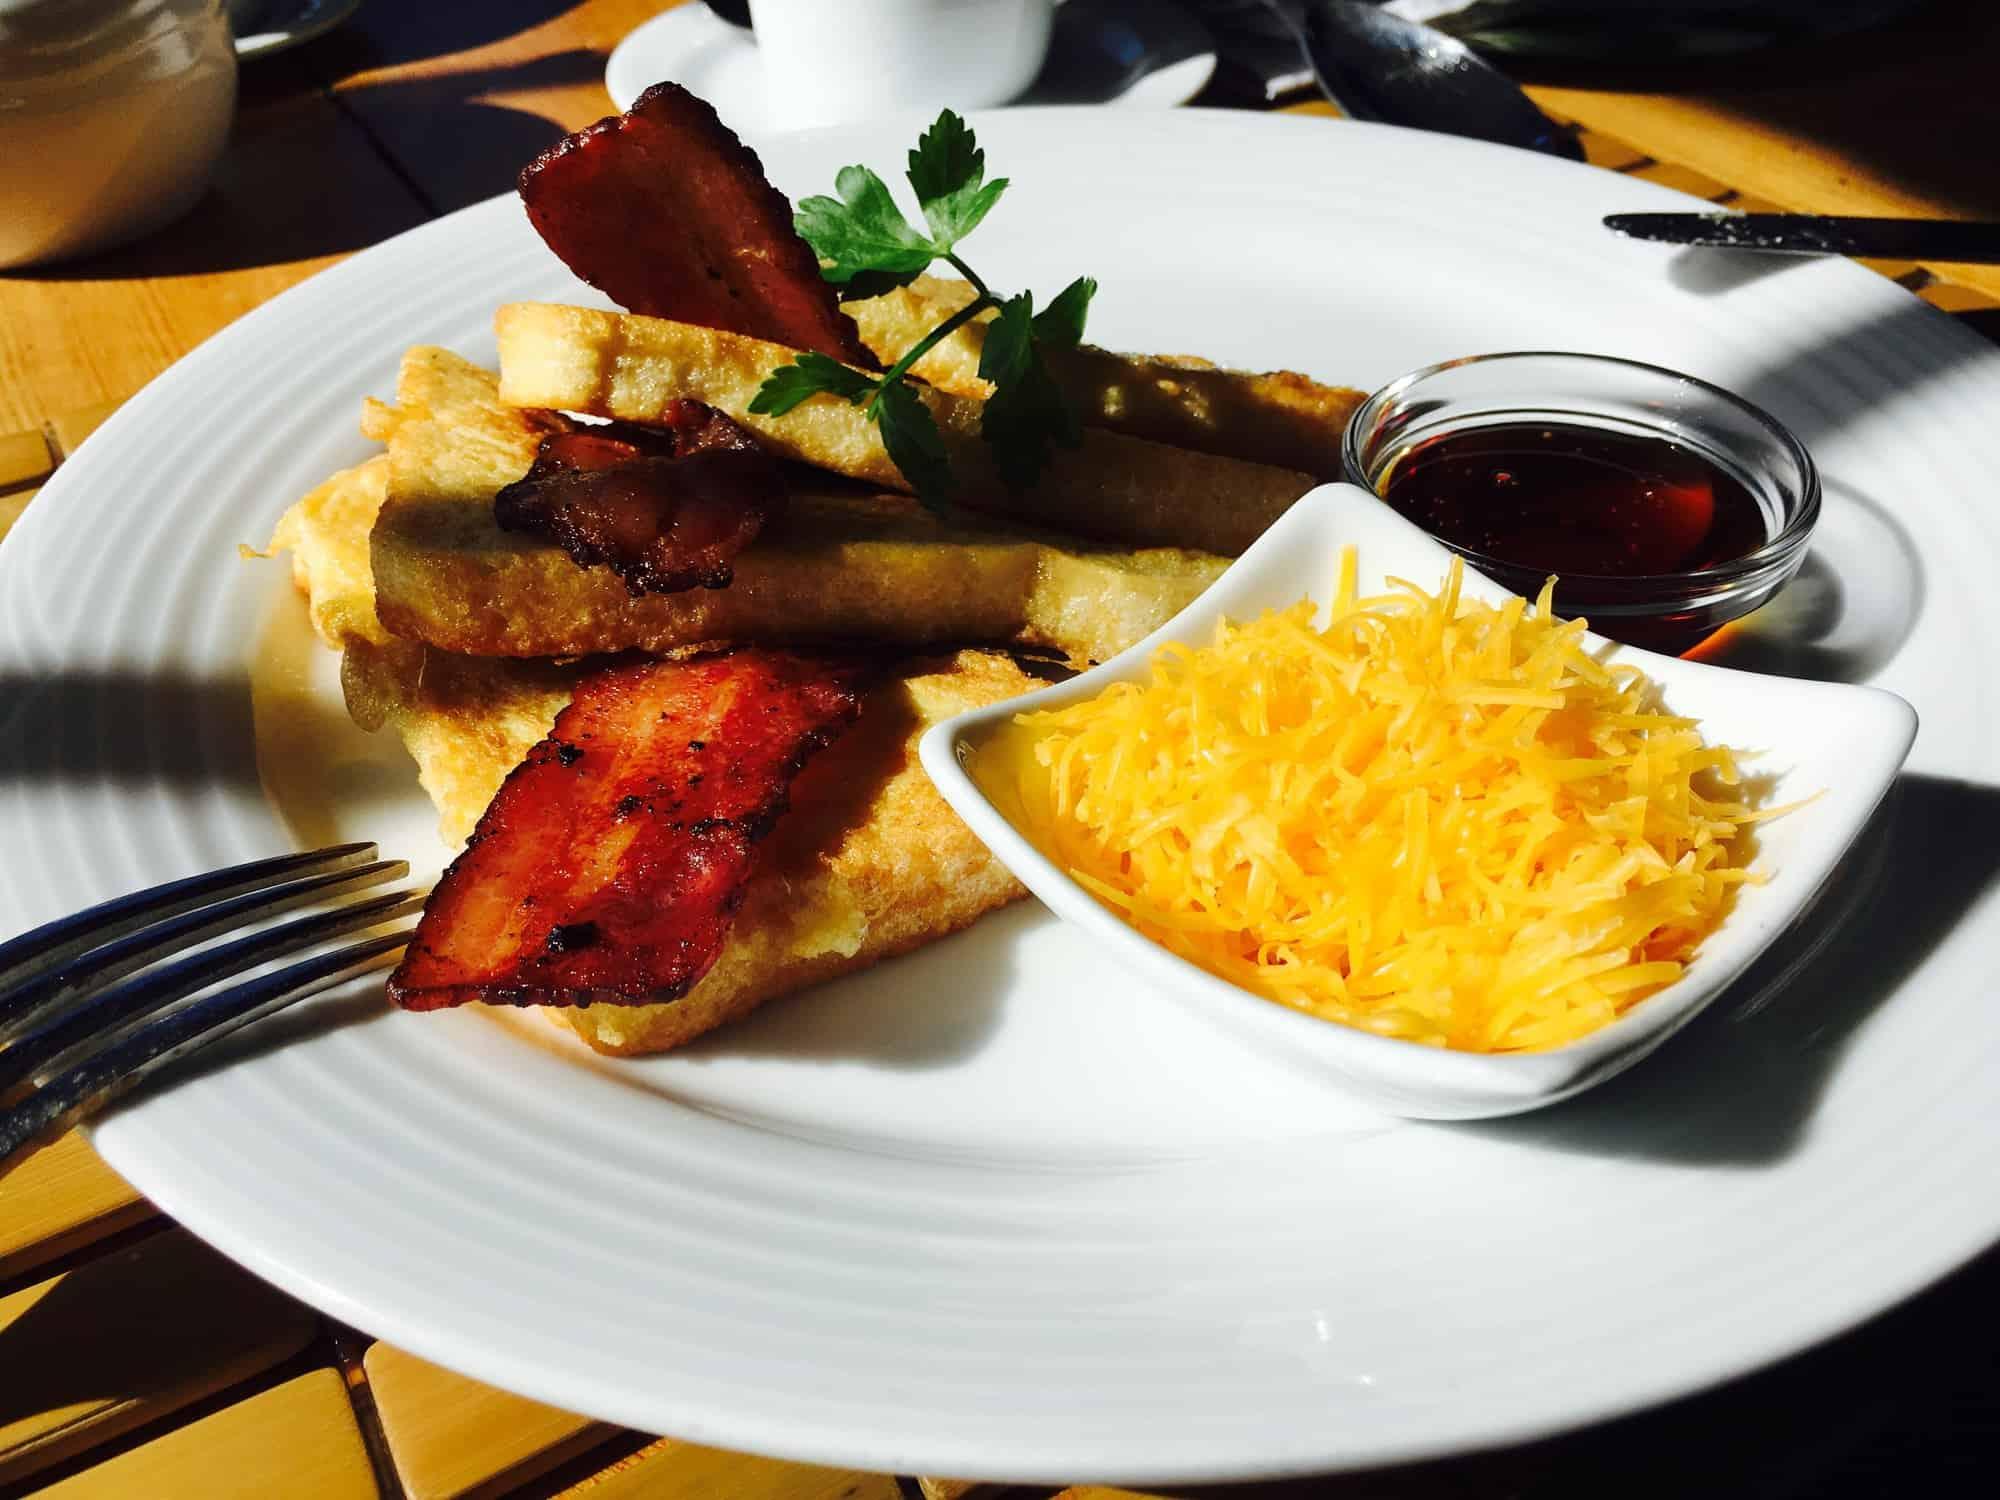 Frühstück in der Agulhas Country Lodge